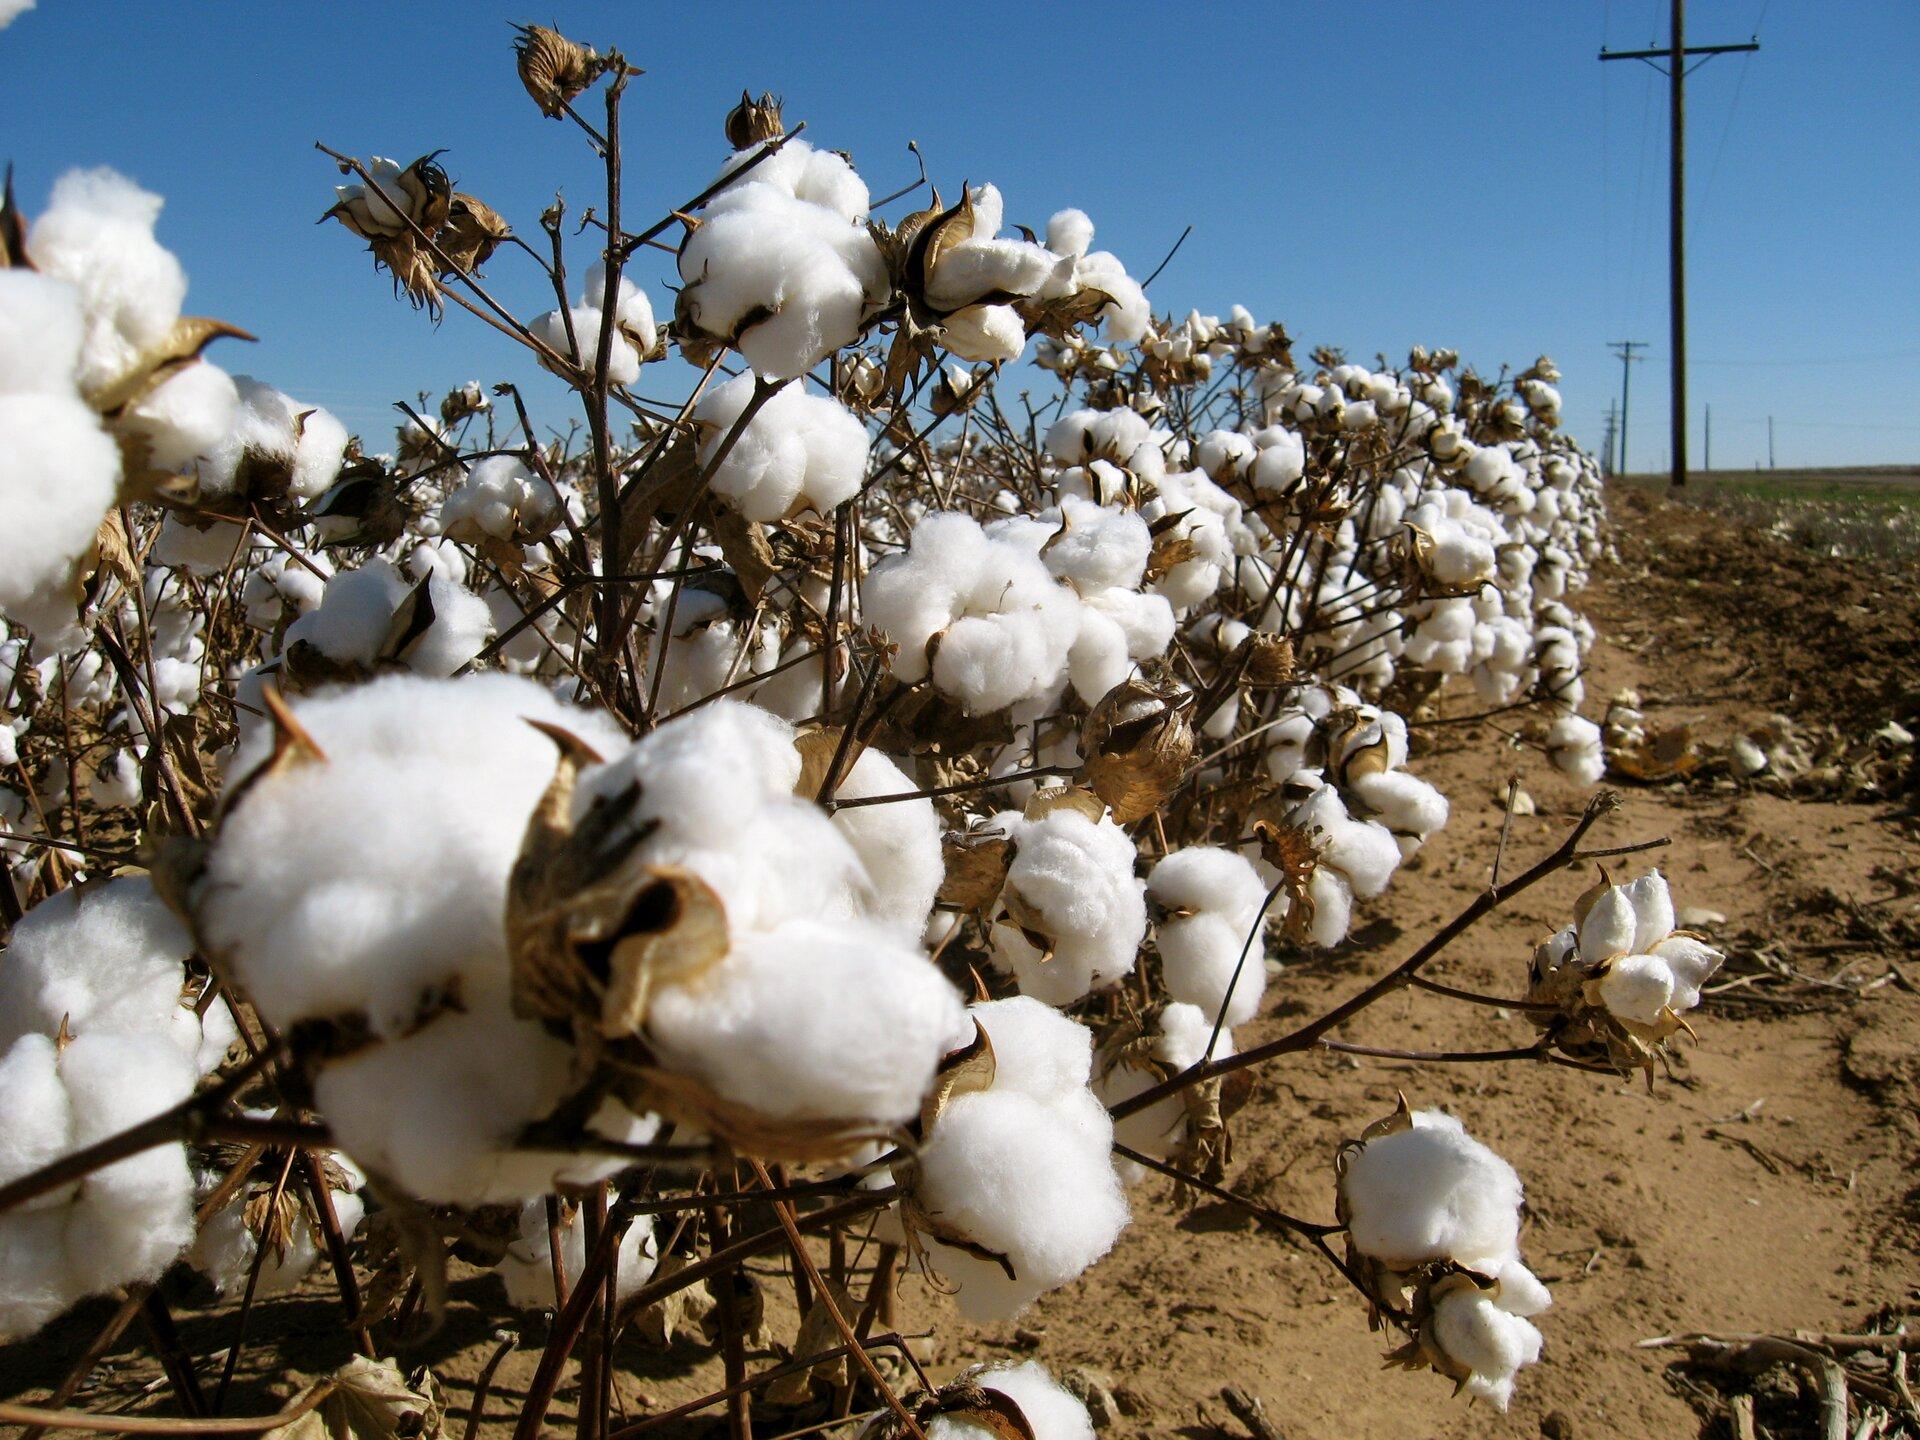 Na zdjęciu plantacja bawełny, na pierwszym planie zbliżenie na włókna bawełny. Puszyste białe kulki waty na brązowych gałązkach. Wtle słupy wysokiego napięcia ipola.